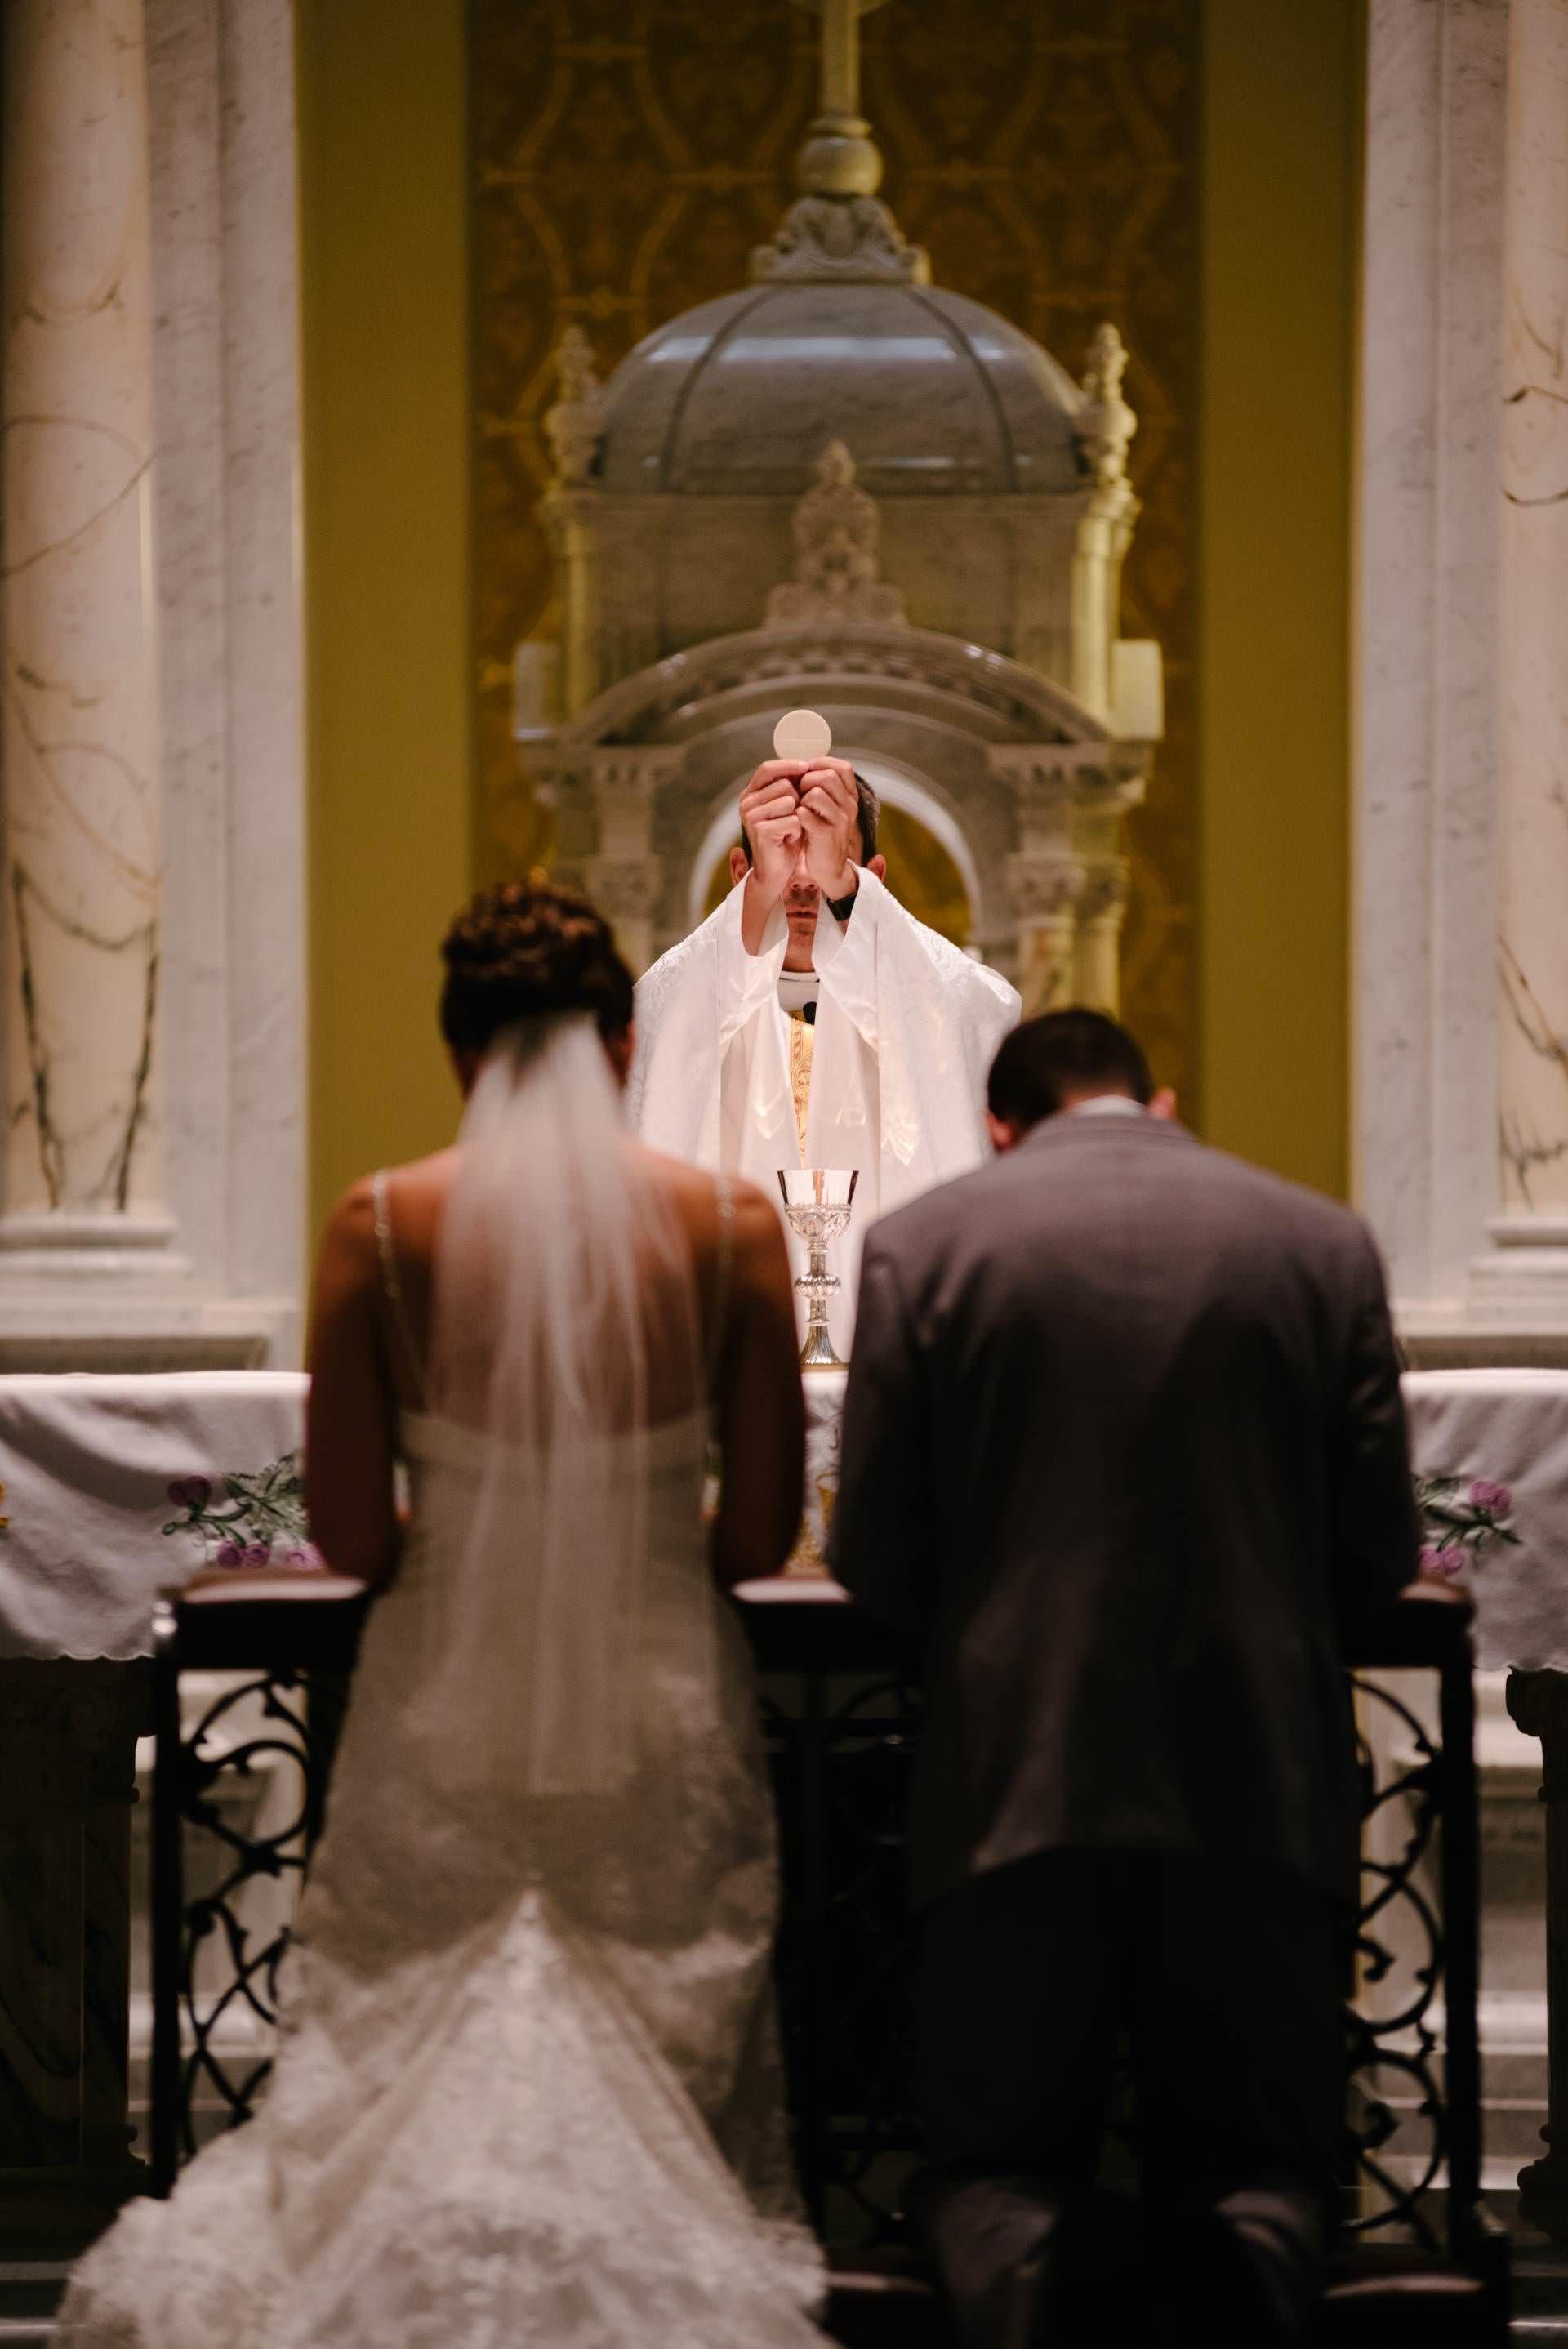 Imagen Catolica Boda Cuerpo De Cristo Eucaristia Novios